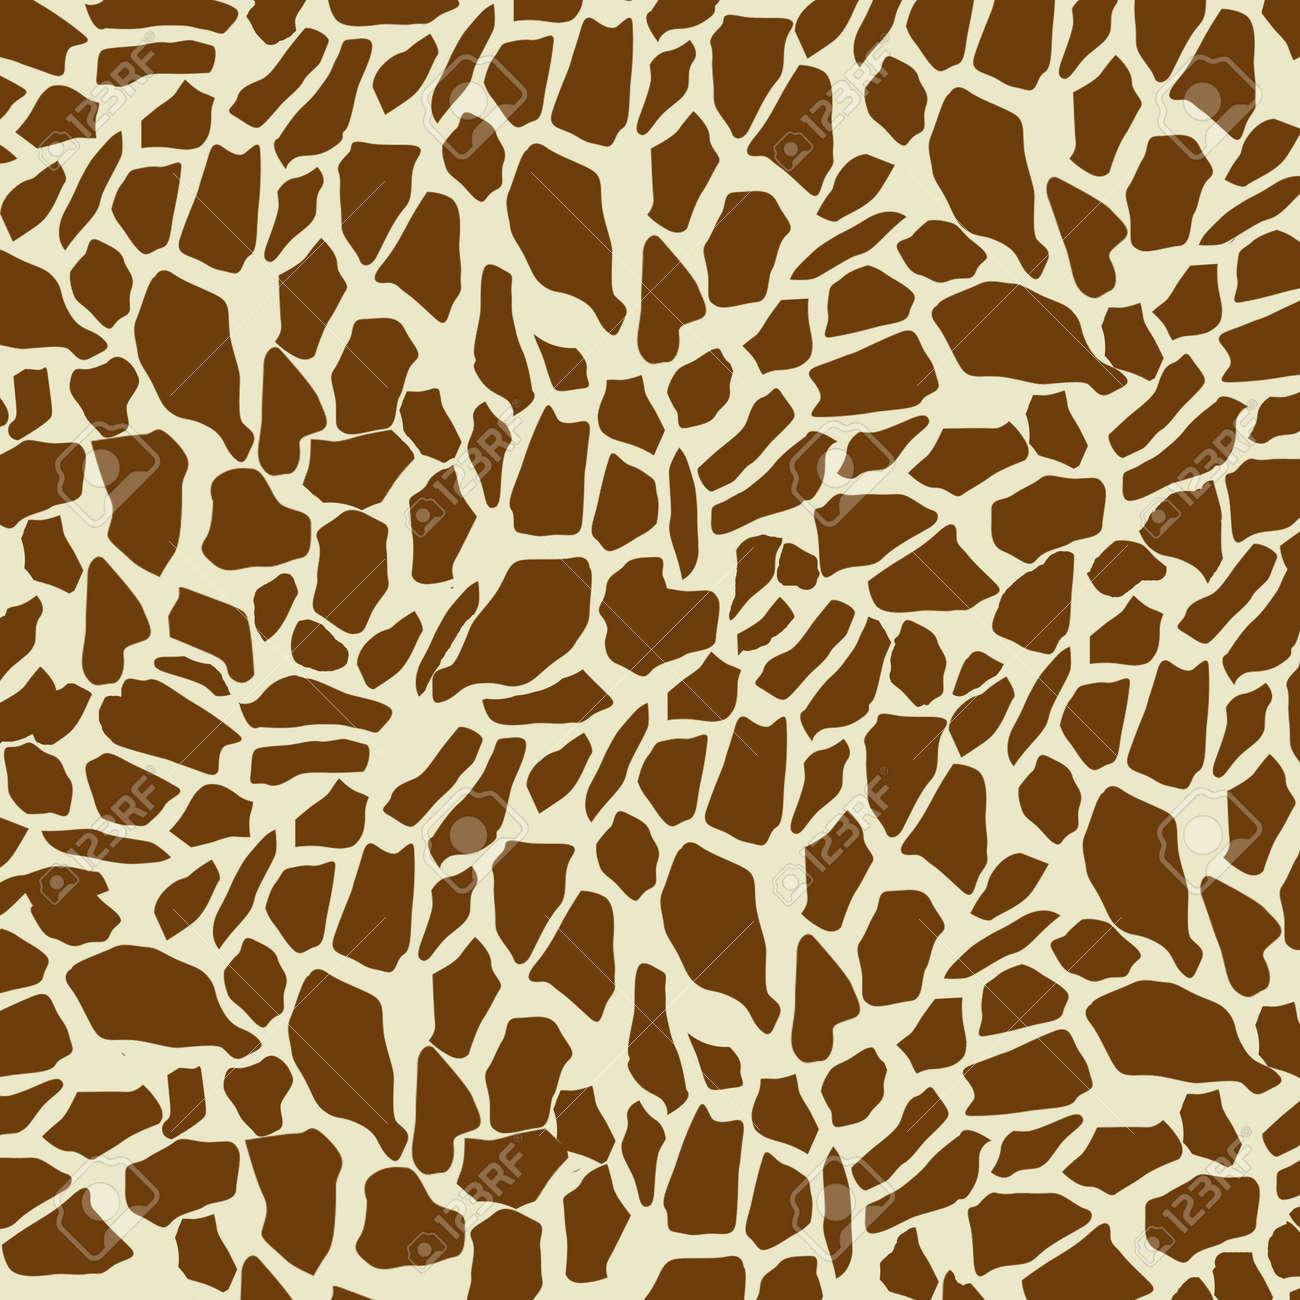 キリン模様の背景 ベクトル イラストのイラスト素材 ベクタ Image